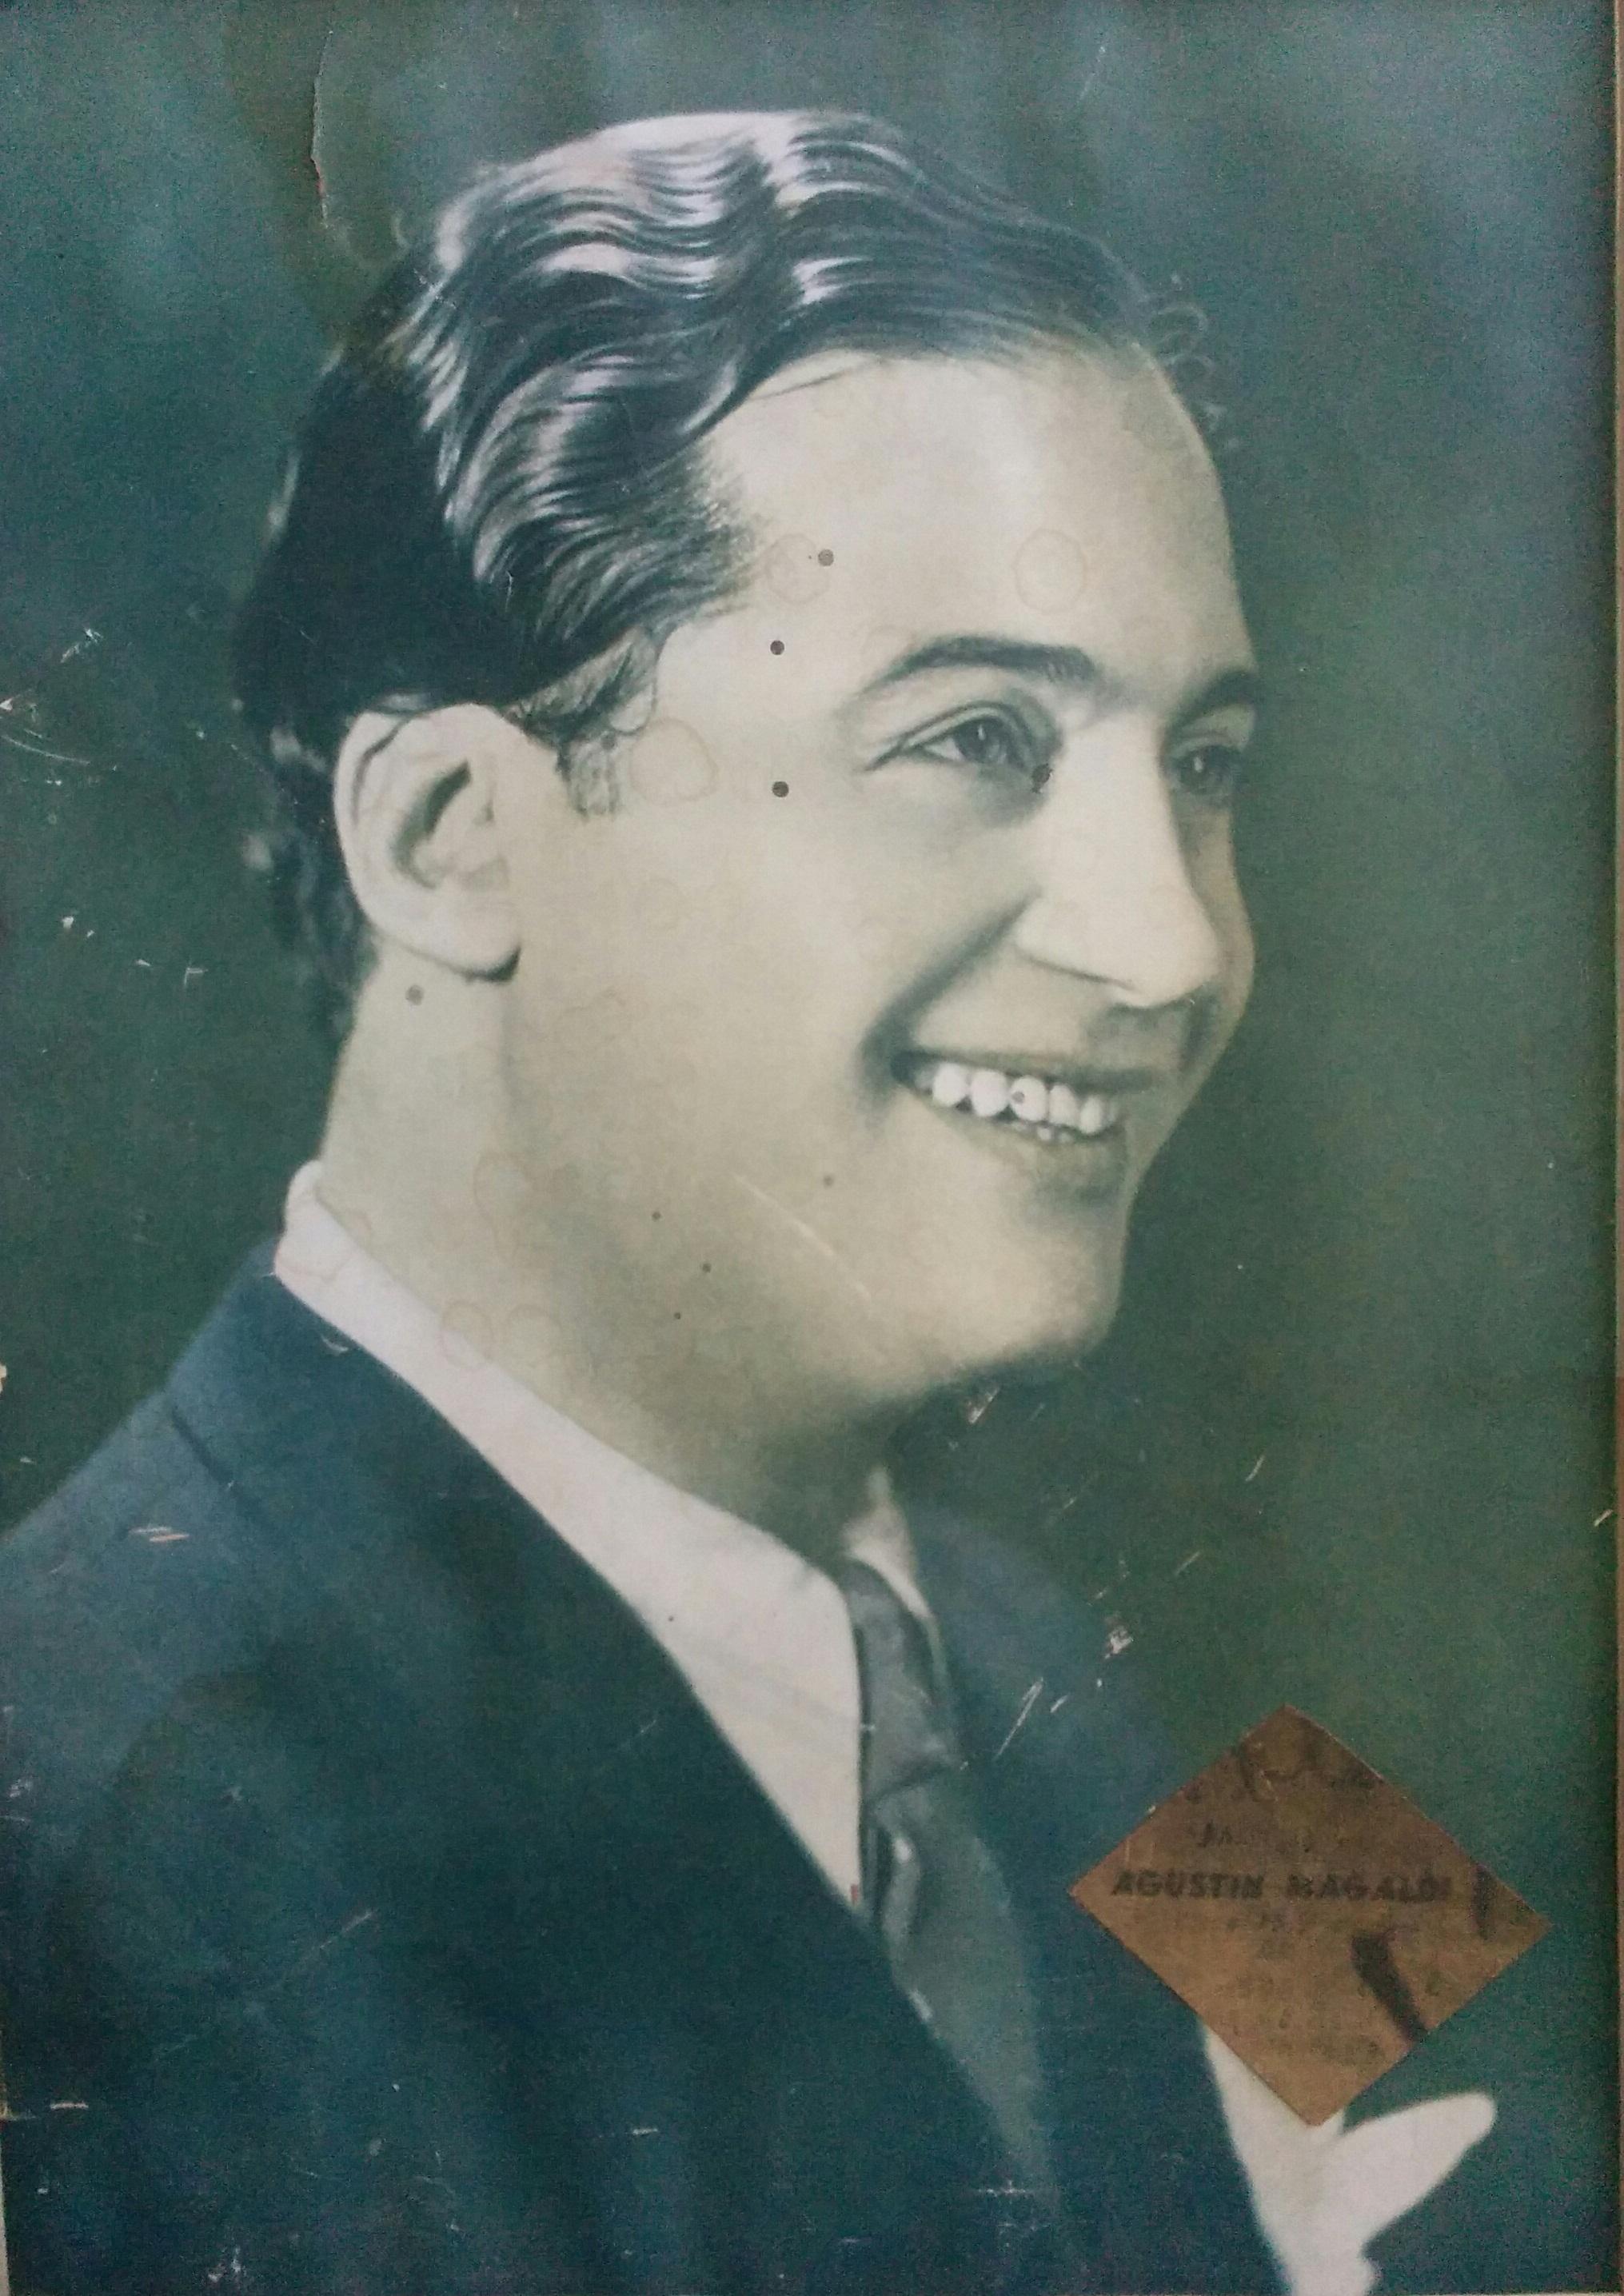 """El gran intérprete popular, Agustín Magaldi (1898-1938), quien visitó Chivilcoy, presentándose, en el cine-teatro """"Metropol"""", el 6 de agosto de 1936."""